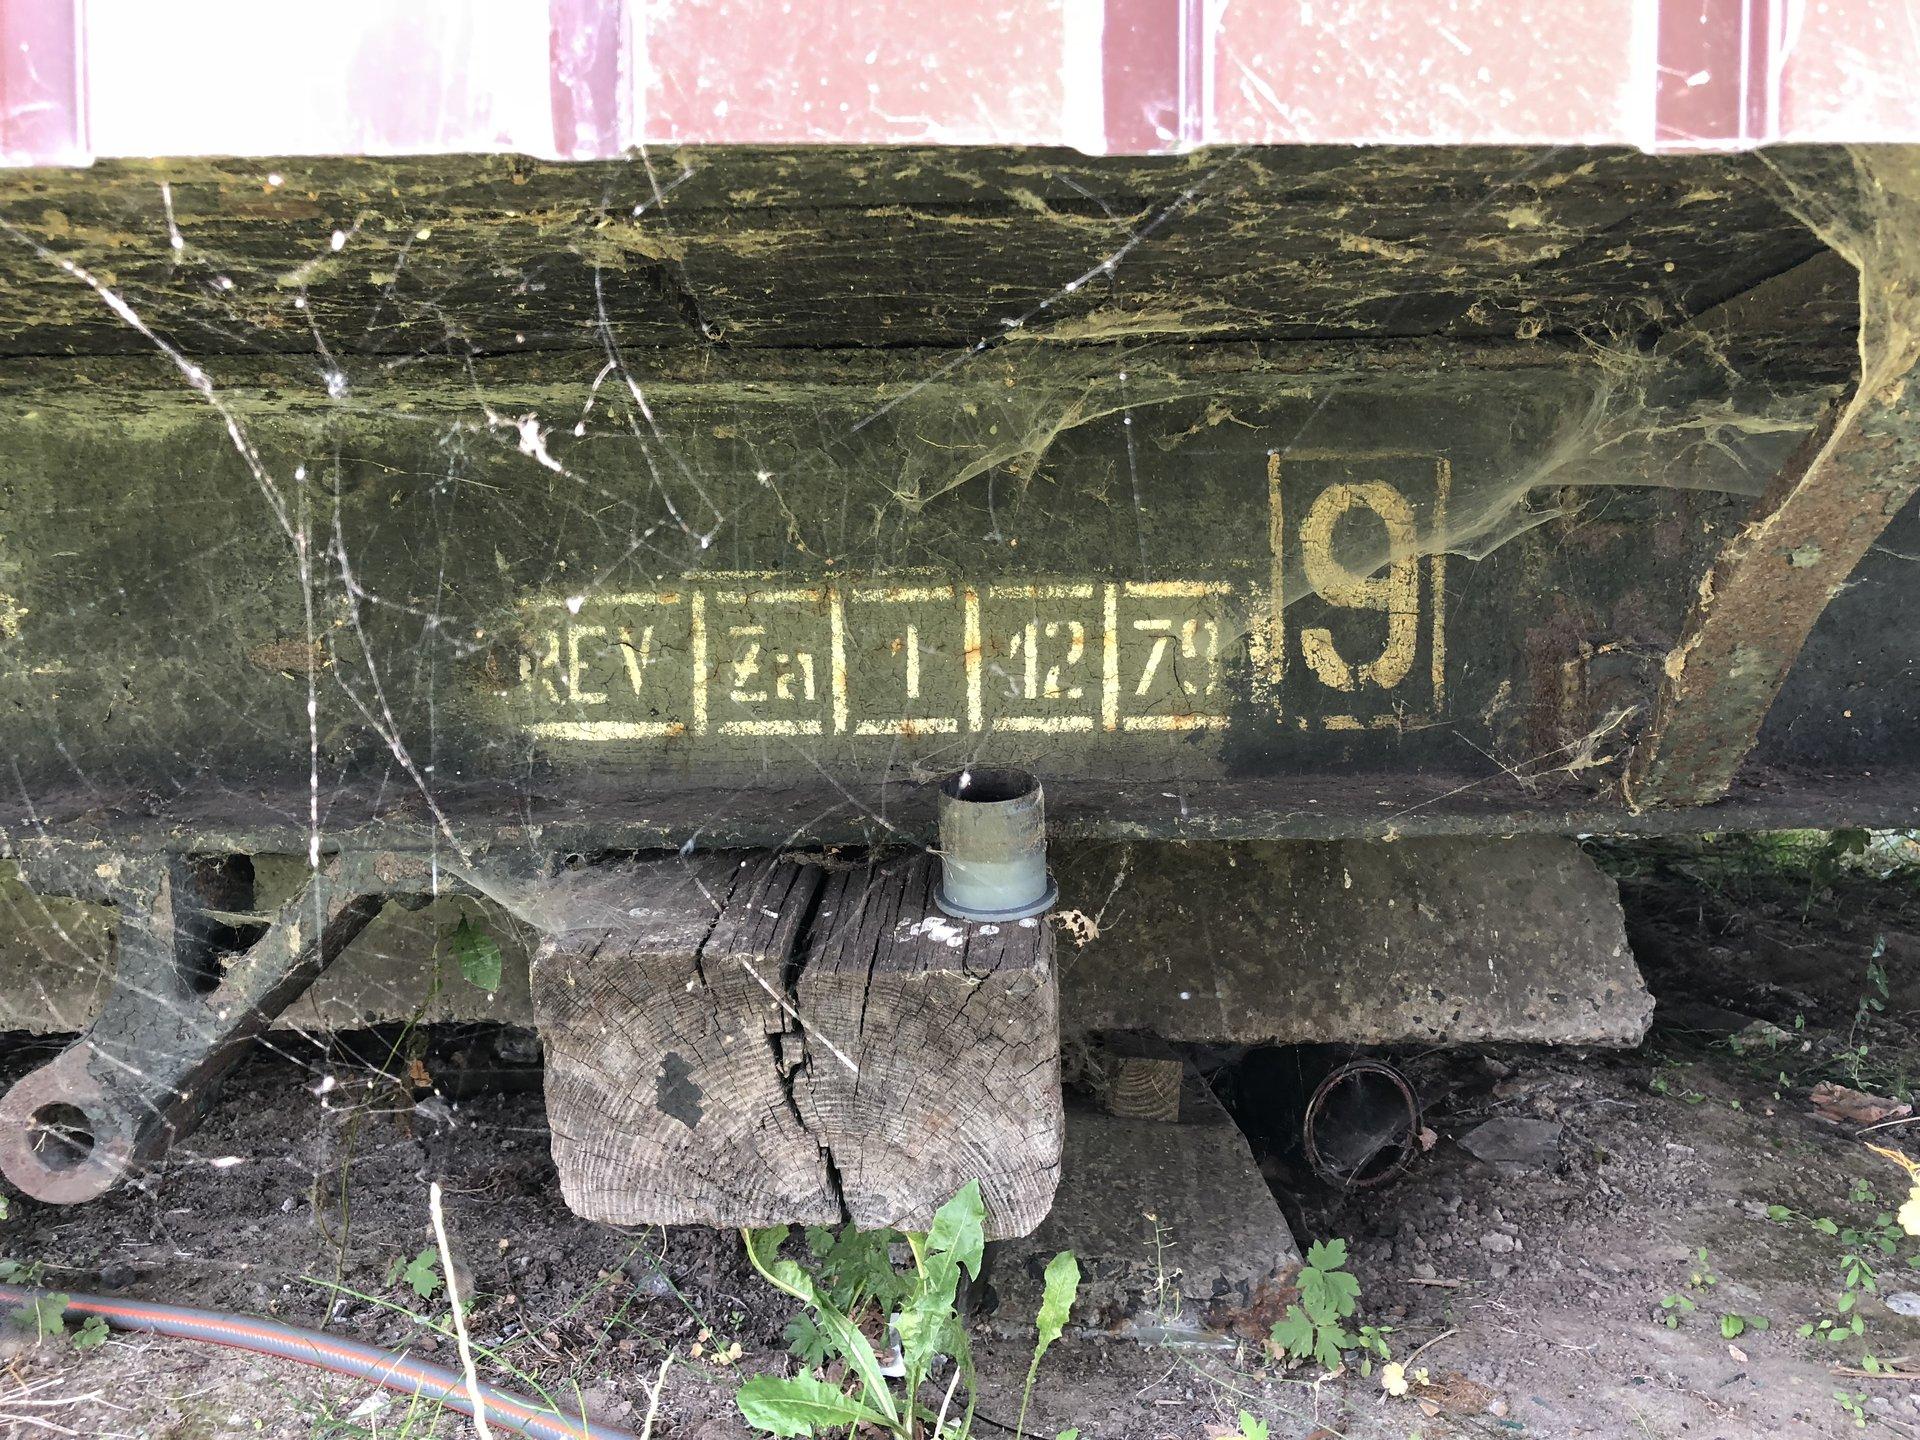 A932EEB6-B3A1-4040-85CA-C648E140D05A.jpeg